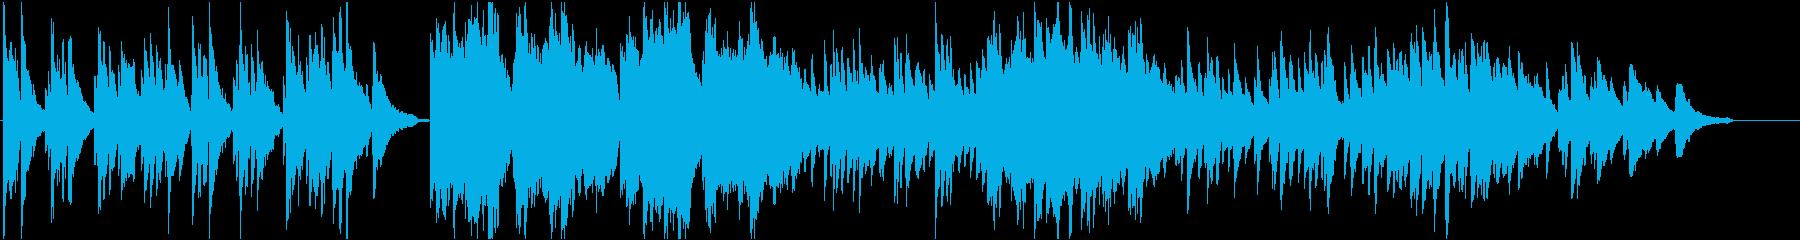 ピアノとストリングスで奏でる切ない楽曲の再生済みの波形